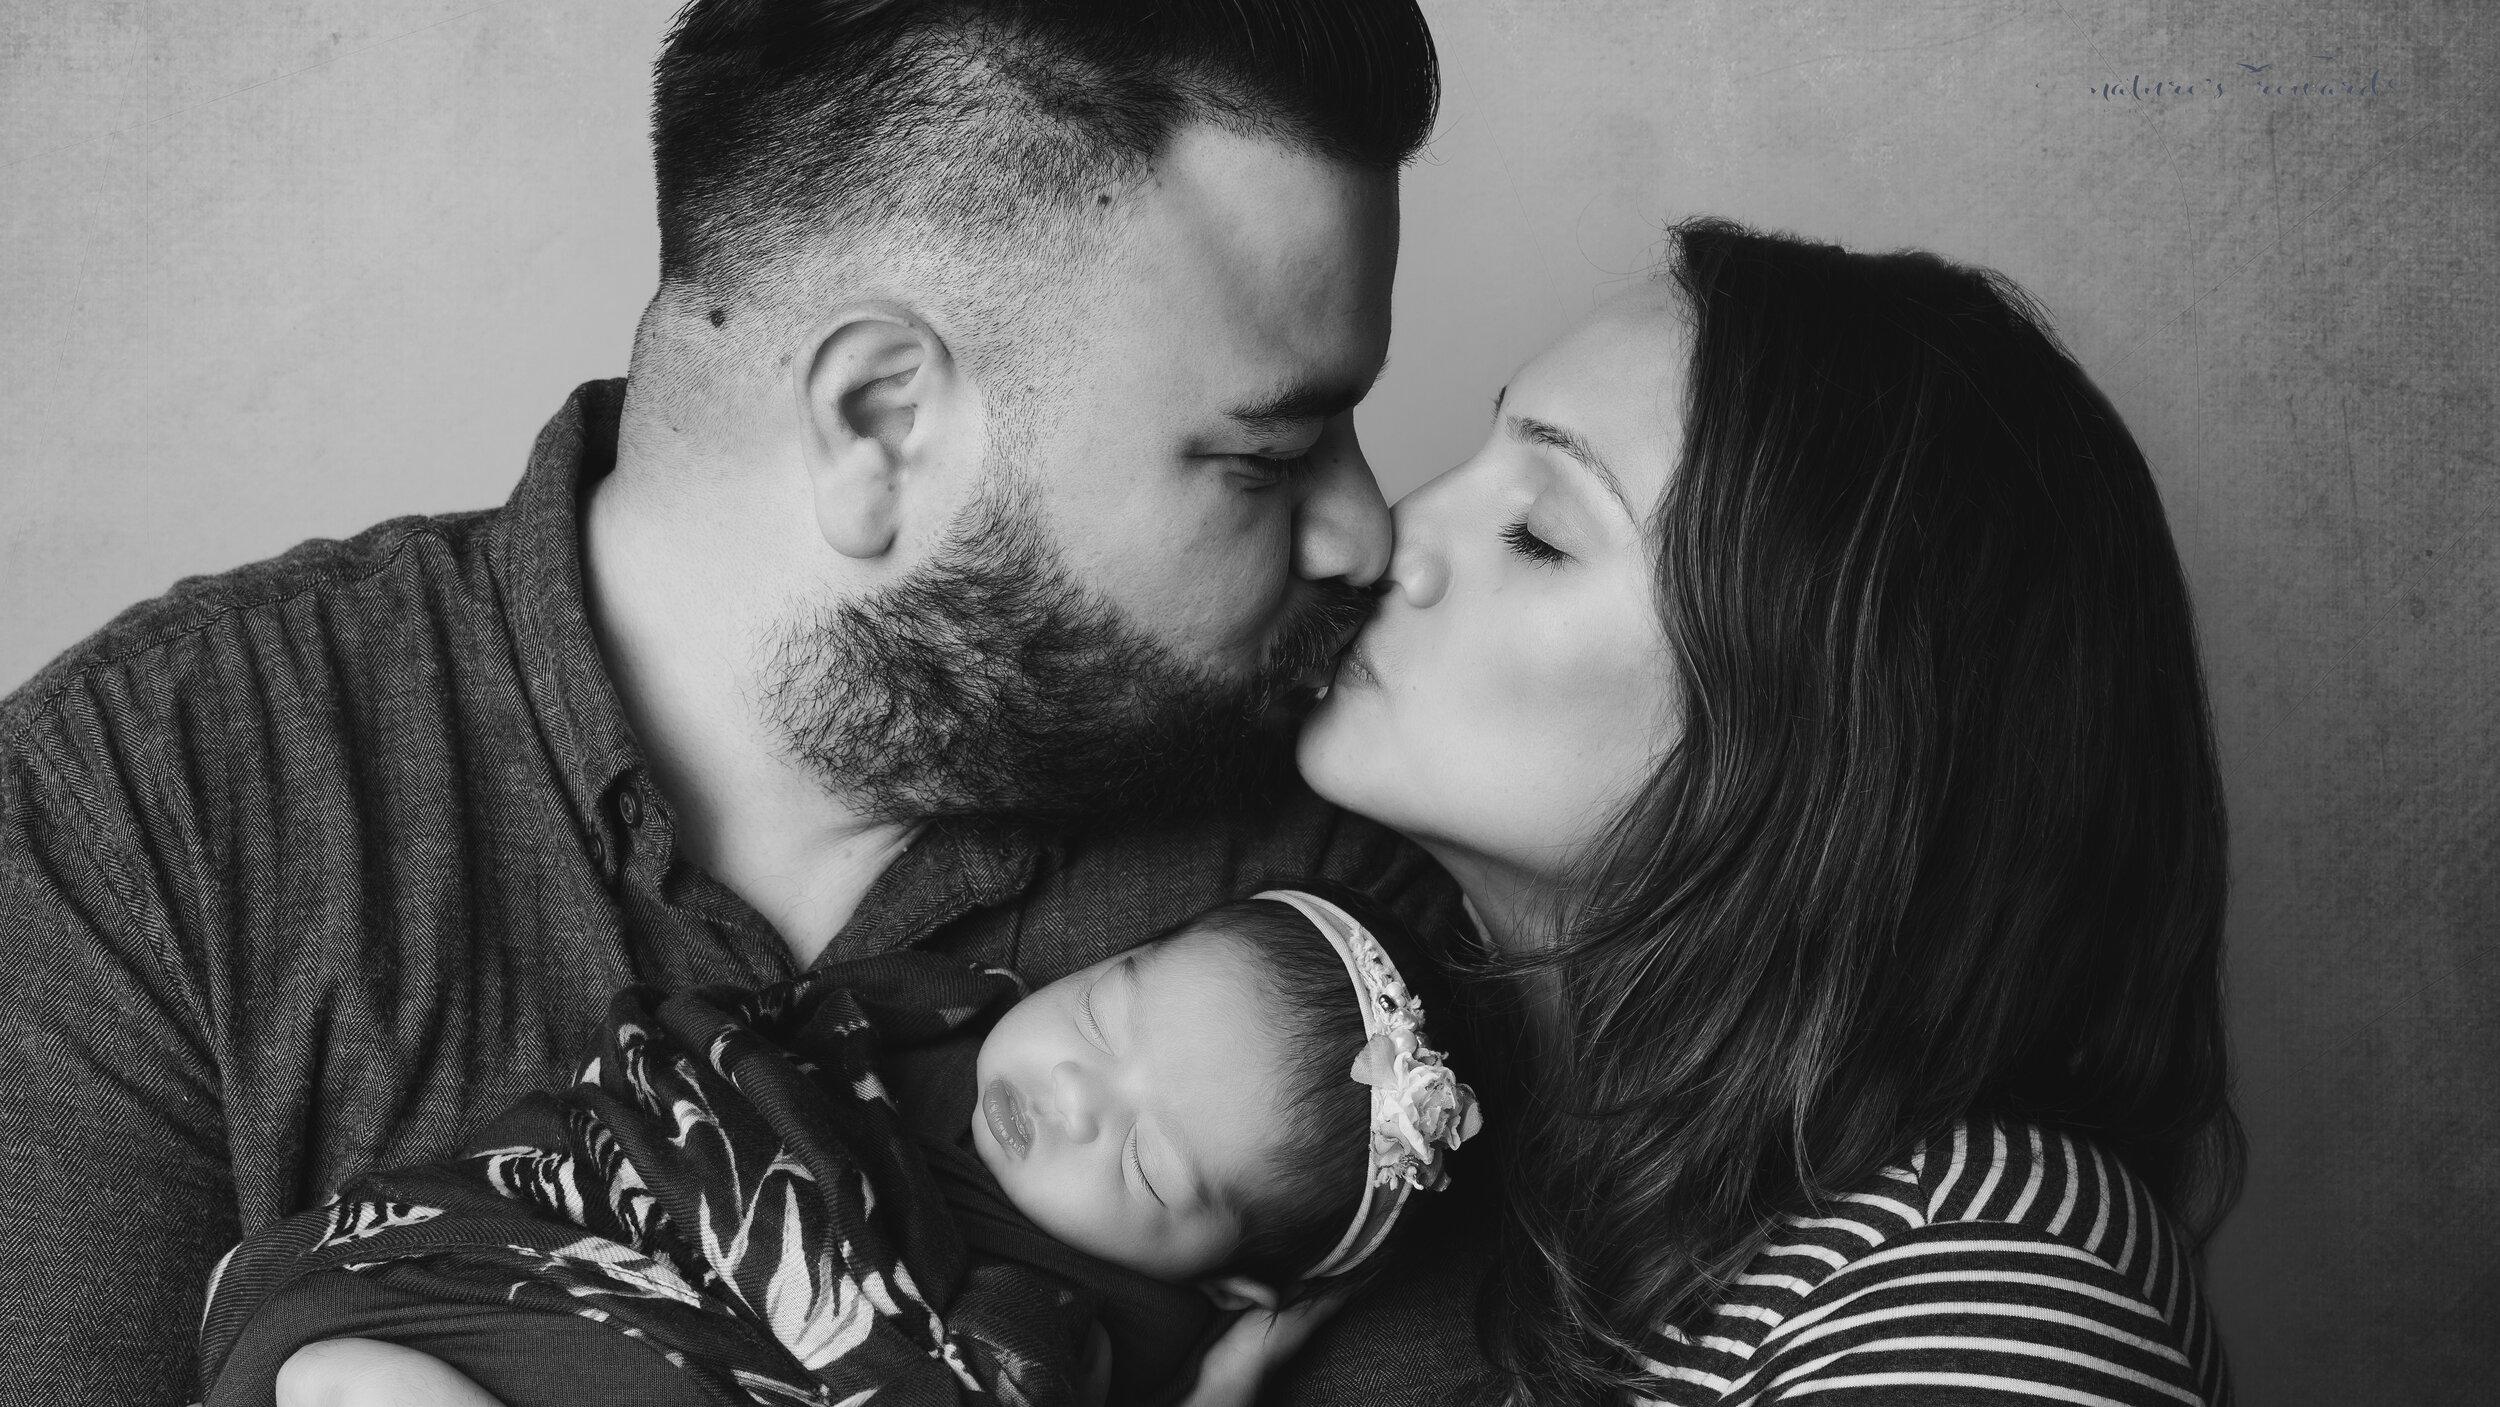 Family portrait, a newborn portrait by Nature's Reward Photography